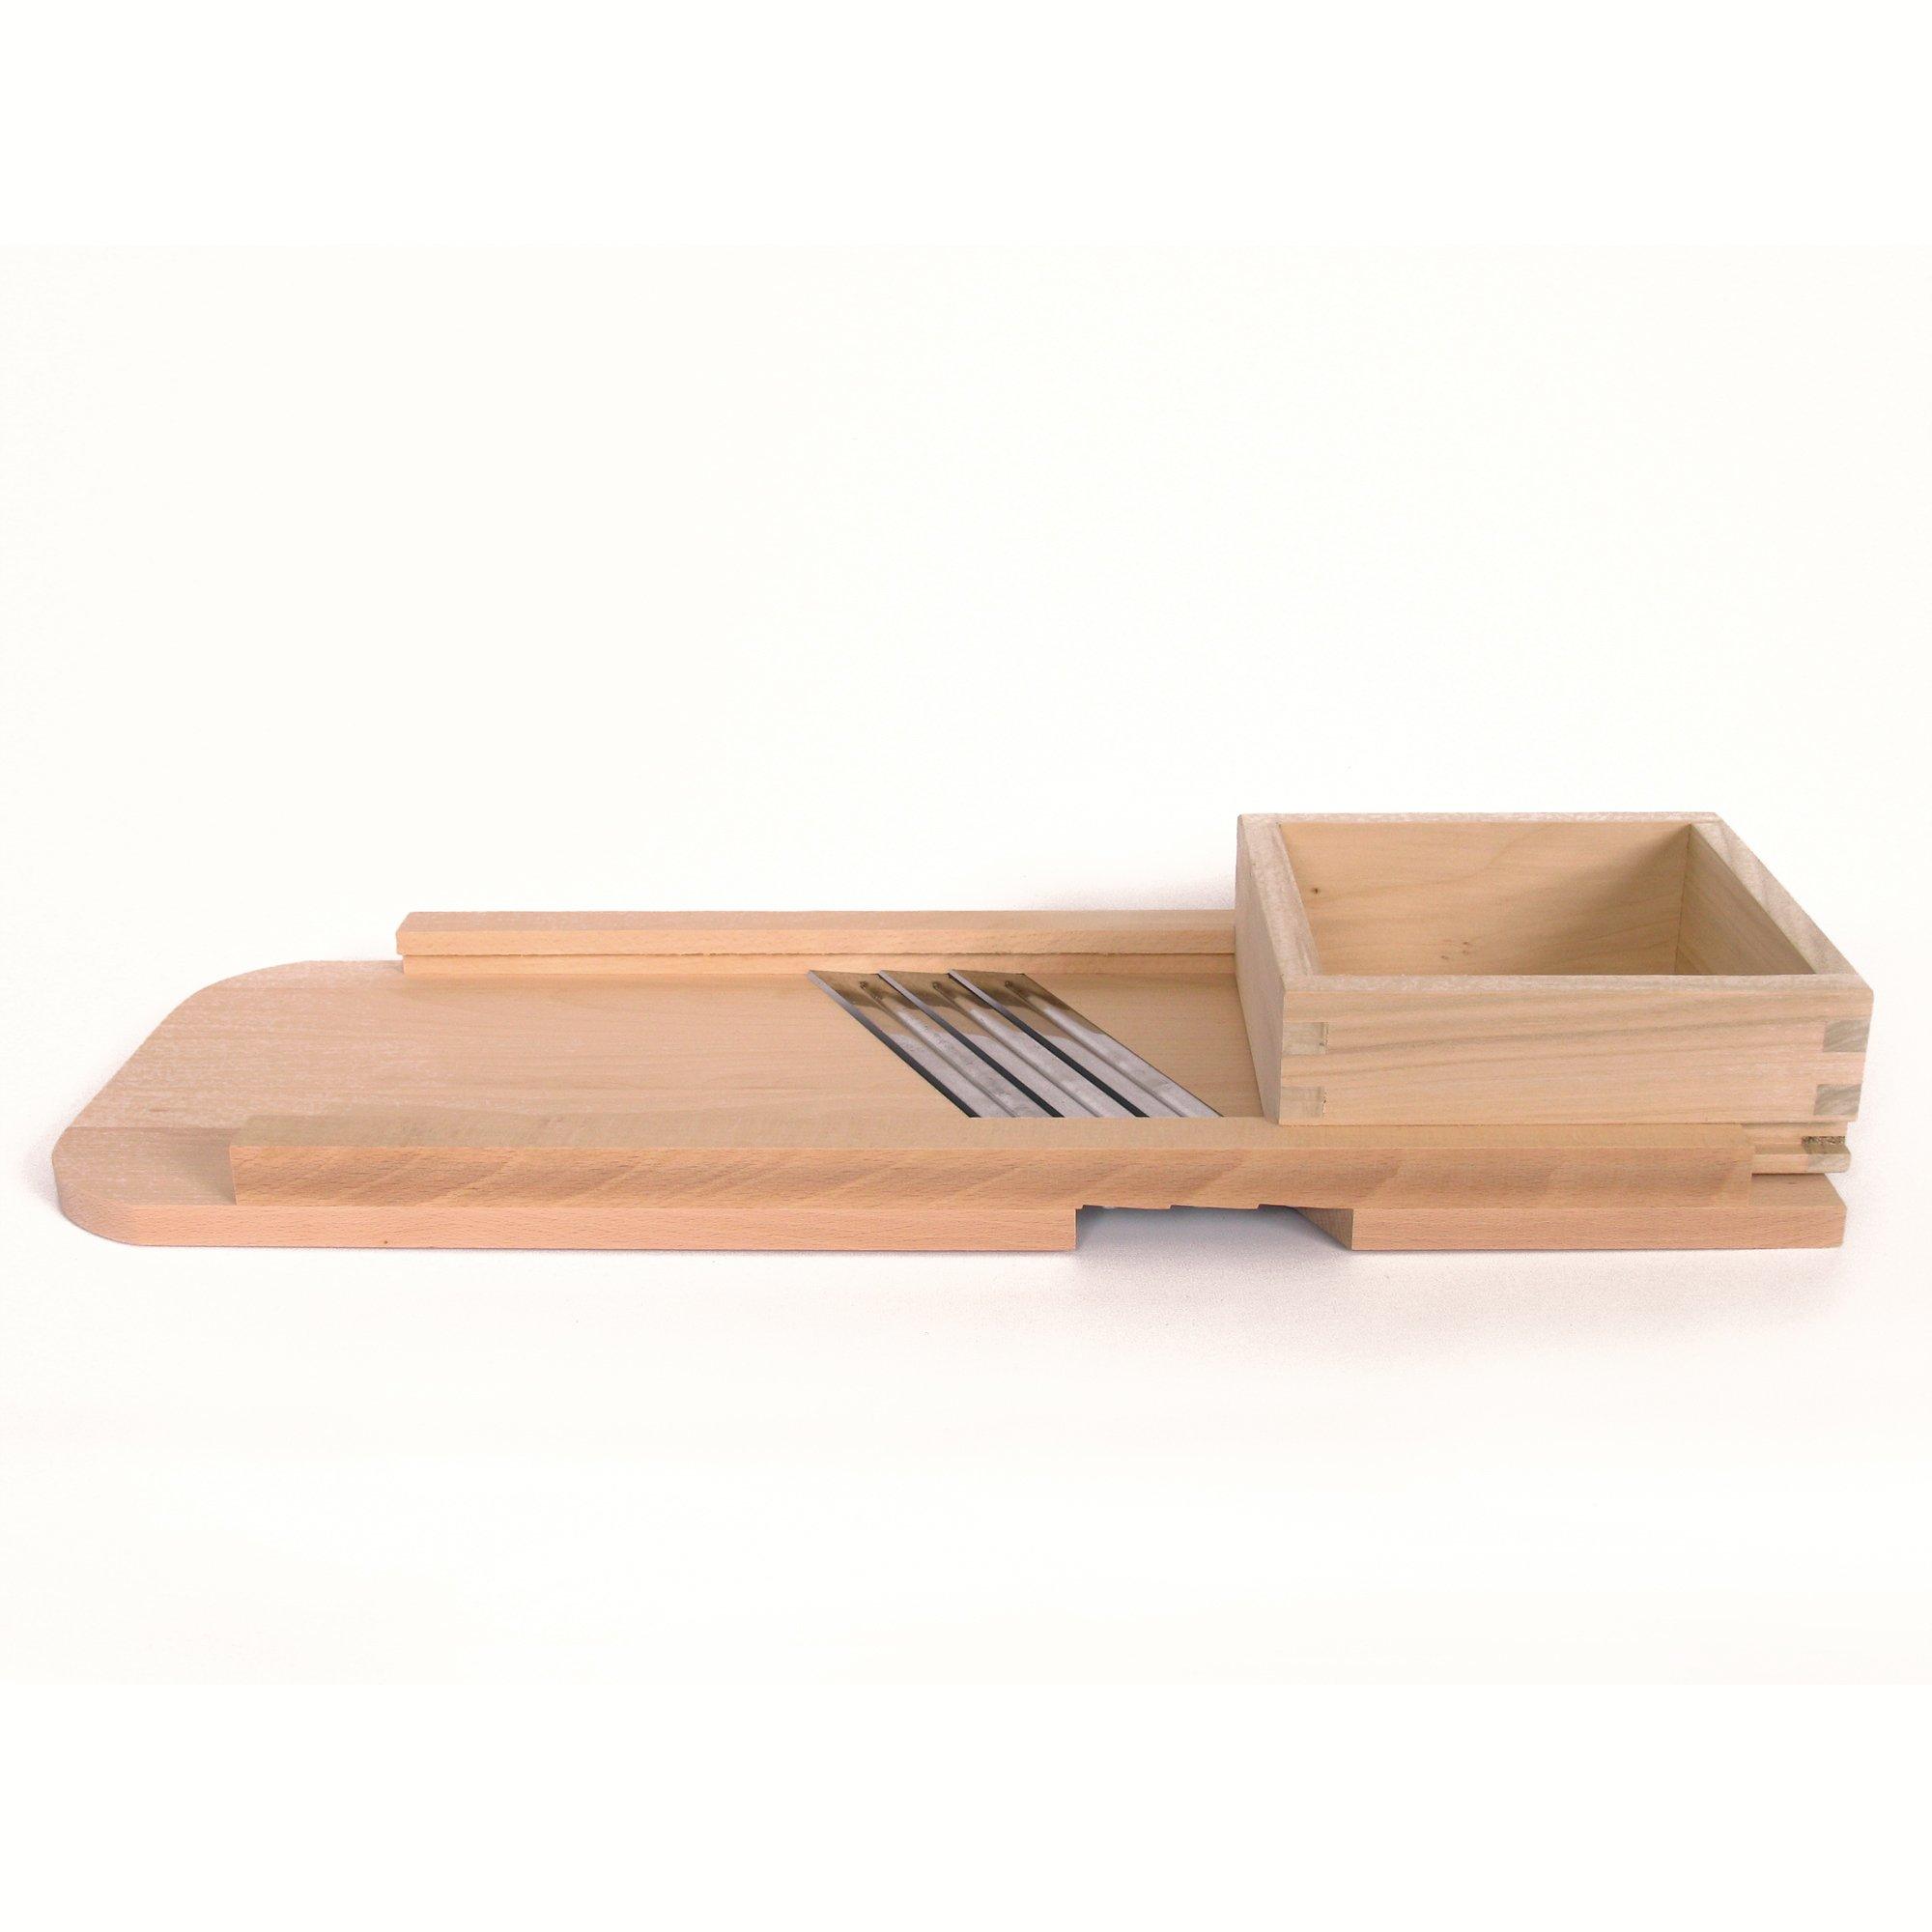 Wood Cabbage Shredder - Slaw Board - Large